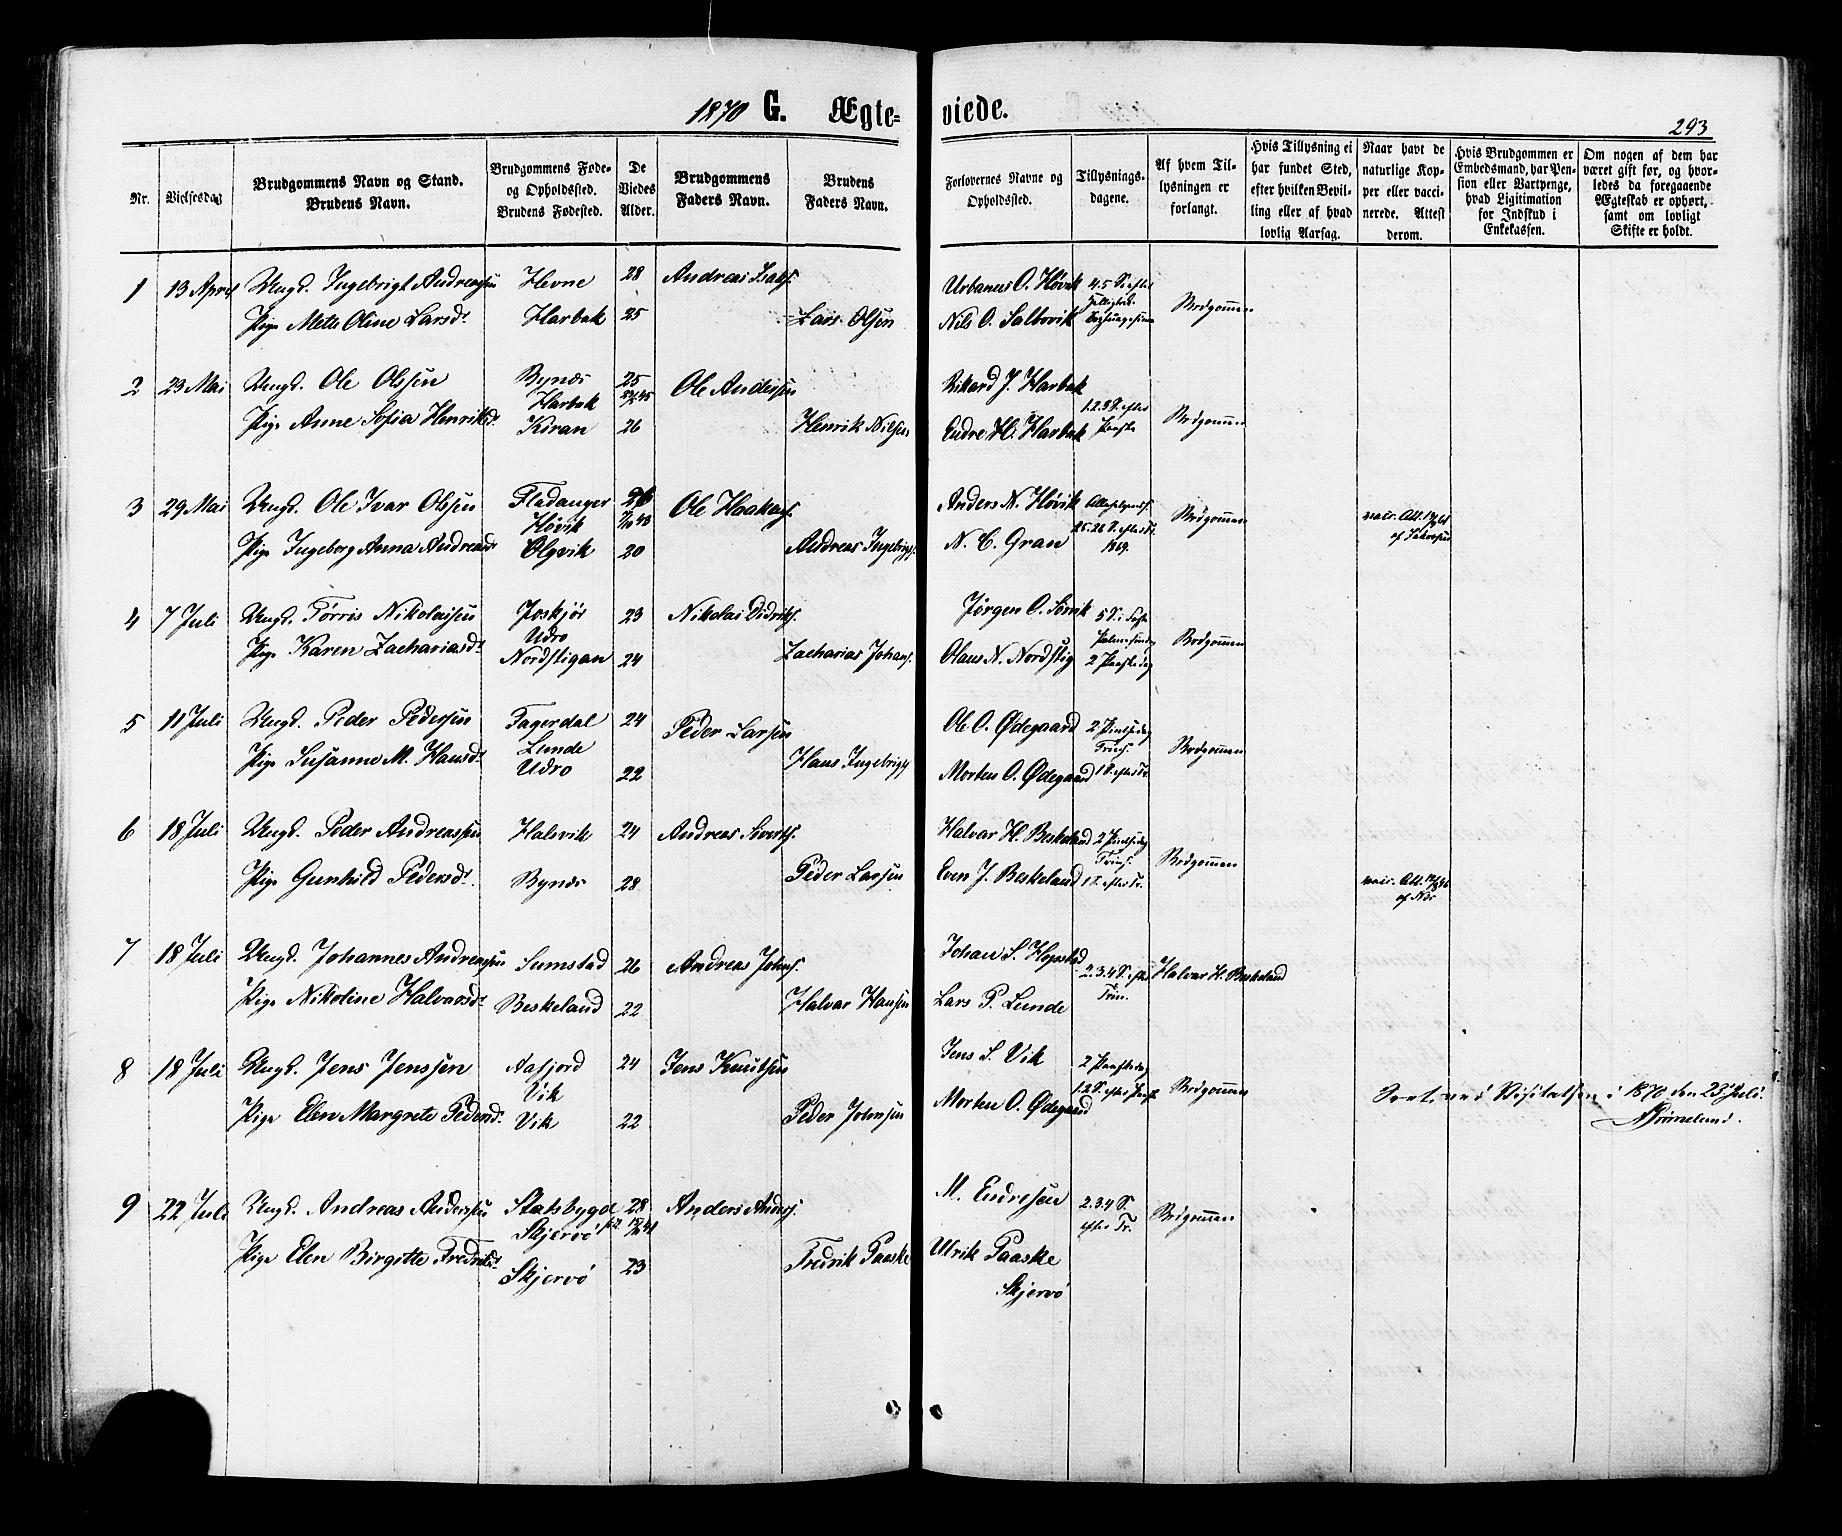 SAT, Ministerialprotokoller, klokkerbøker og fødselsregistre - Sør-Trøndelag, 657/L0706: Ministerialbok nr. 657A07, 1867-1878, s. 293